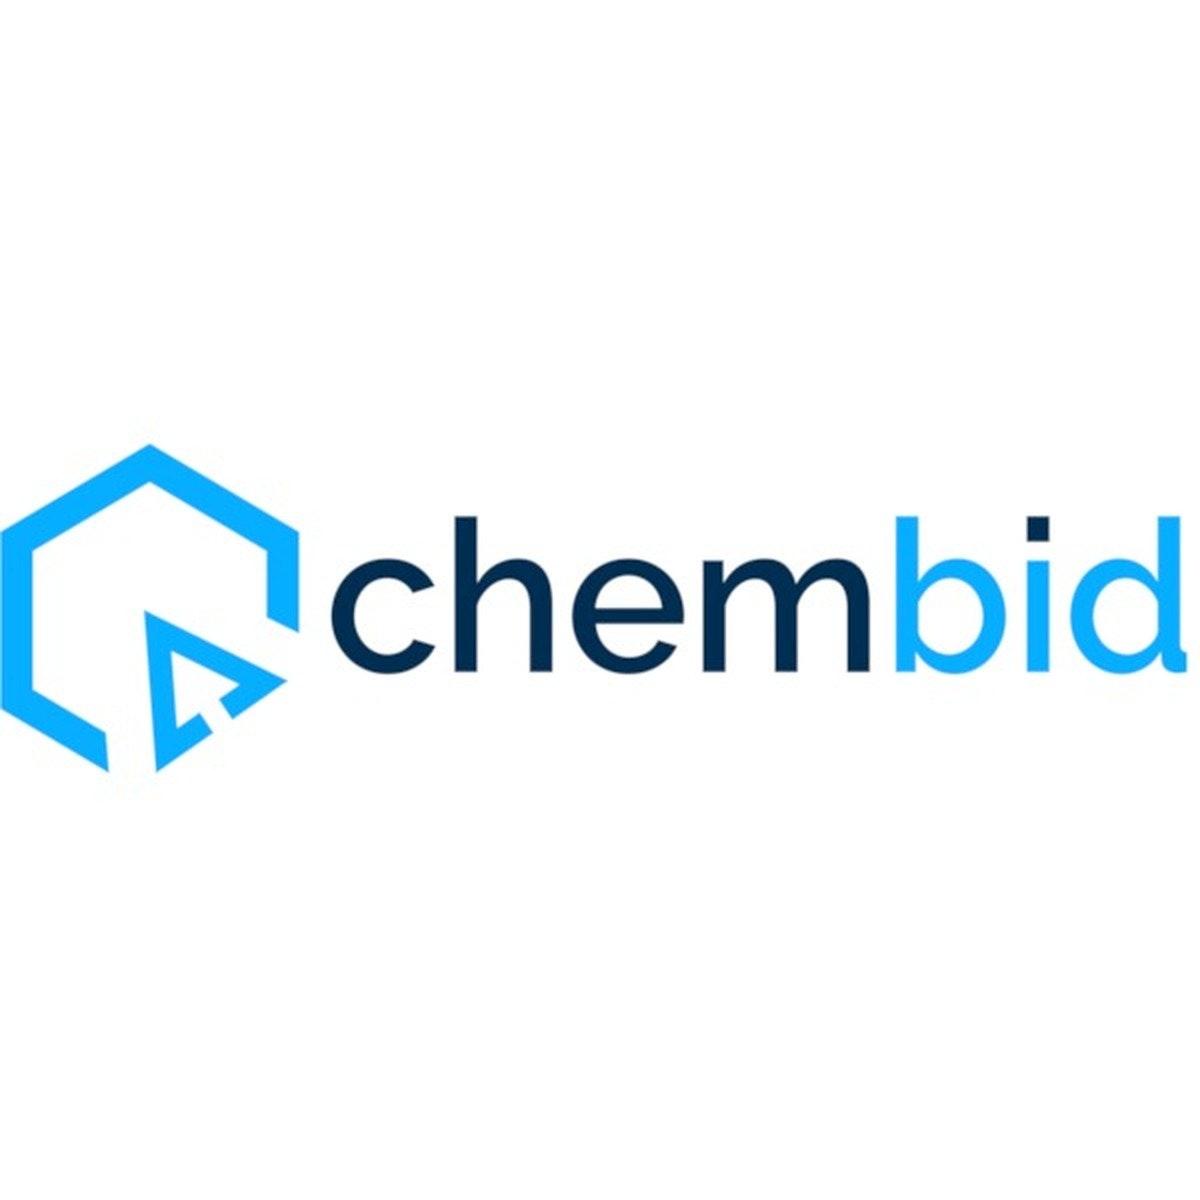 chembid GmbH